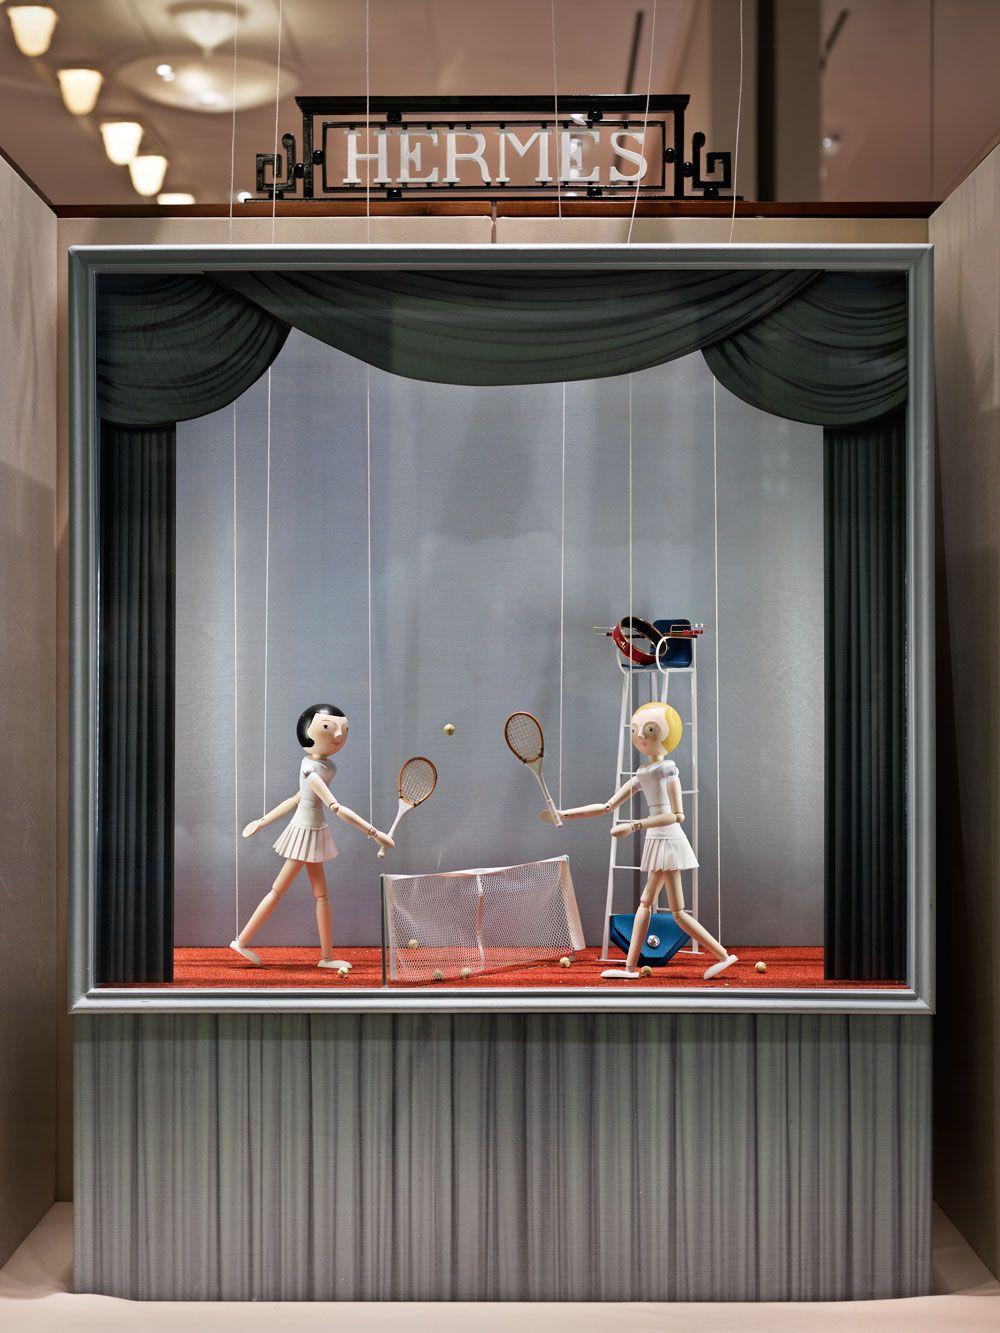 Beeindruckend Schaufensterdekoration Beispiele Das Beste Von Die Schönsten Schaufenster-dekorationen Der Welt | Page